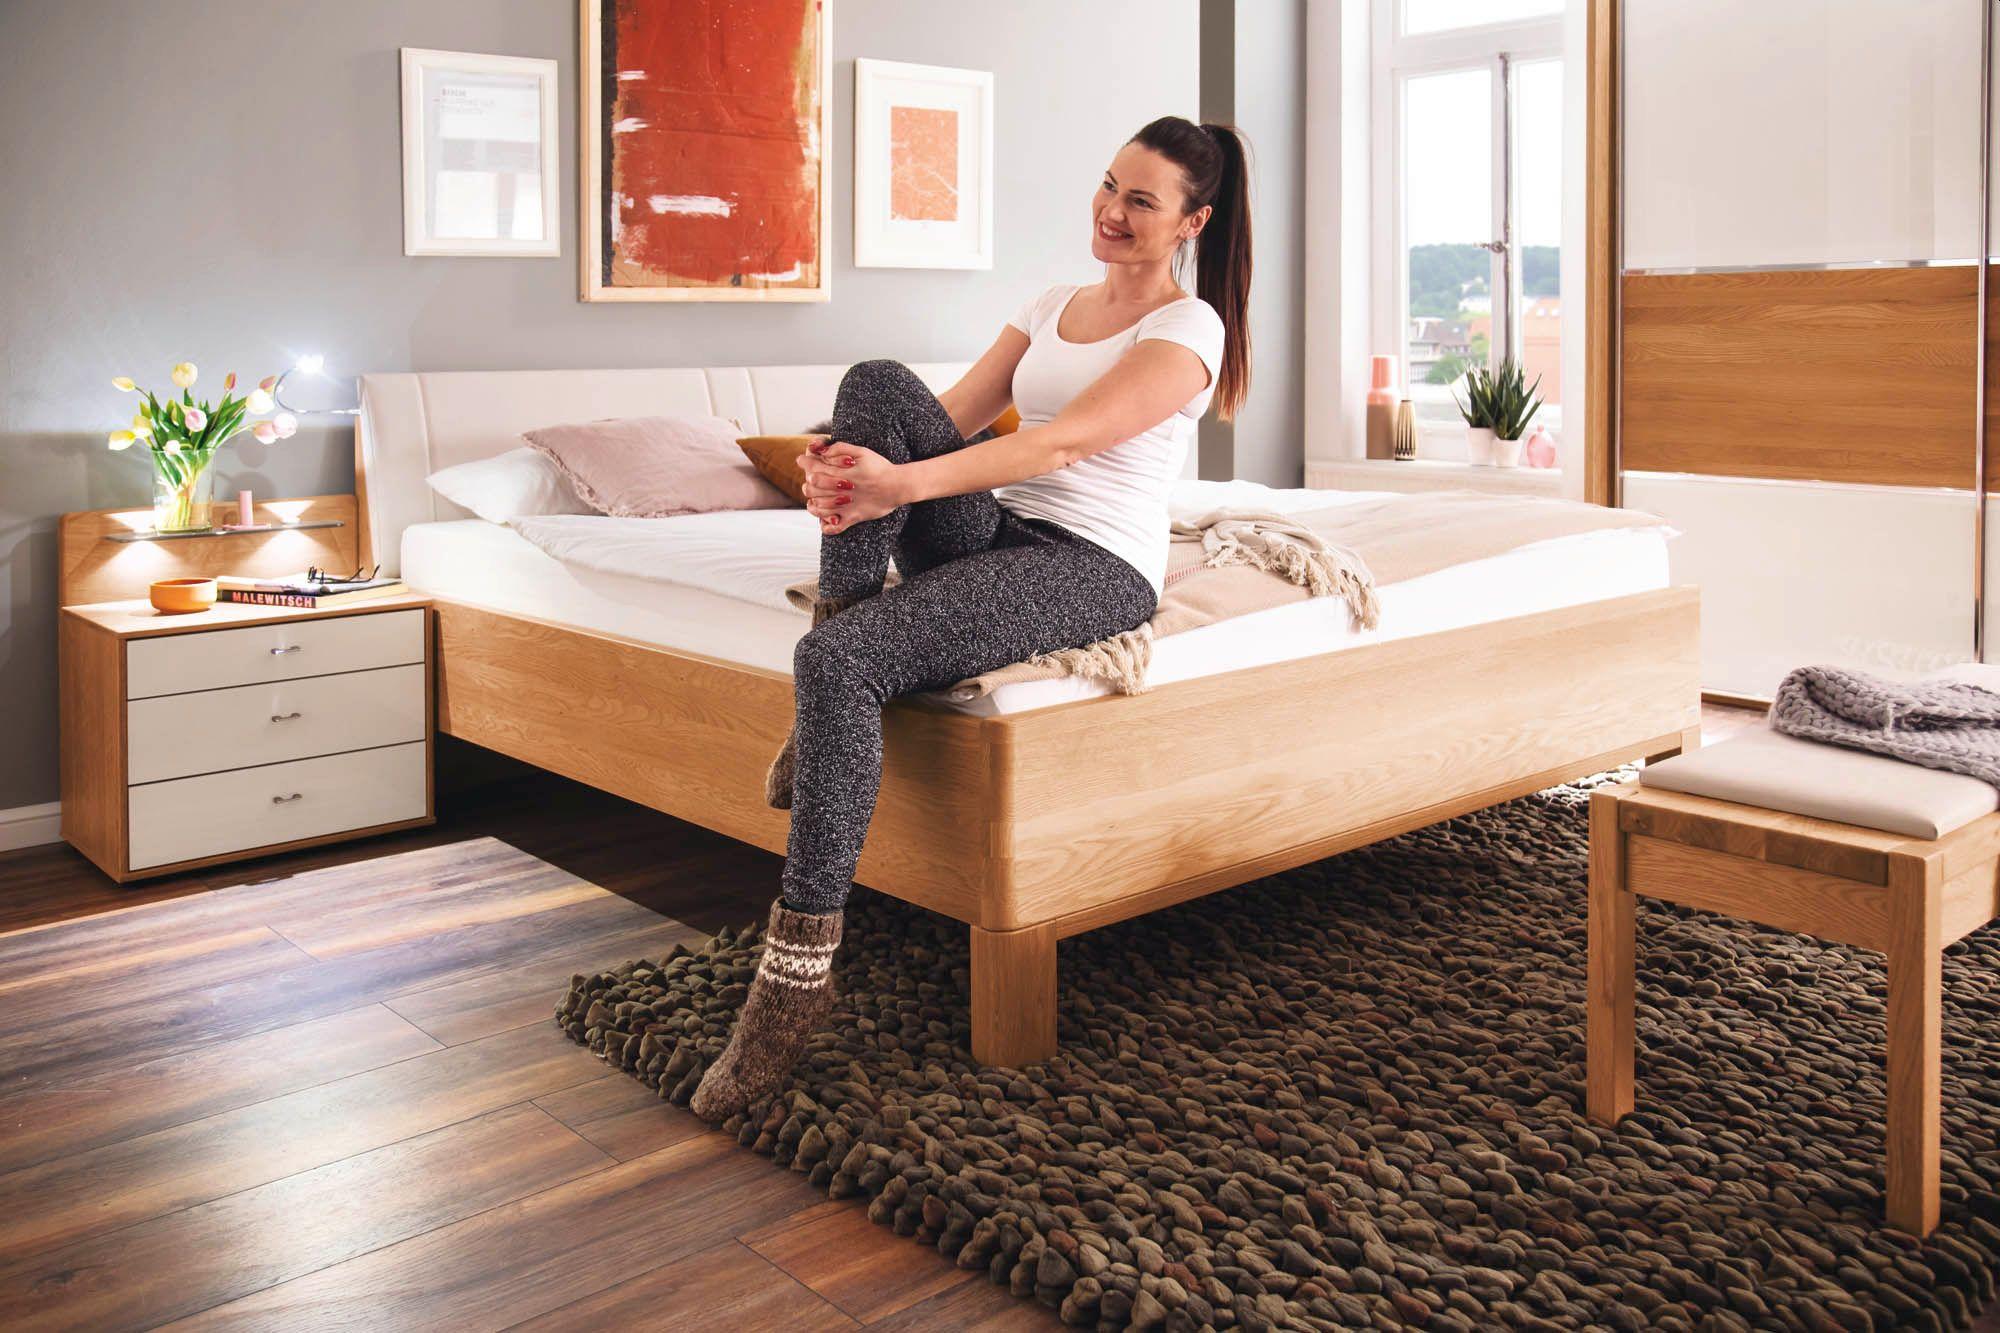 Full Size of Wsm Wstmann Schlafzimmer 2020 Trends Betten Weiße Günstige Komplett Massivholz Schrank Schramm 200x220 Musterring Schränke 120x200 Set Mit Matratze Und Schlafzimmer Schlafzimmer Betten